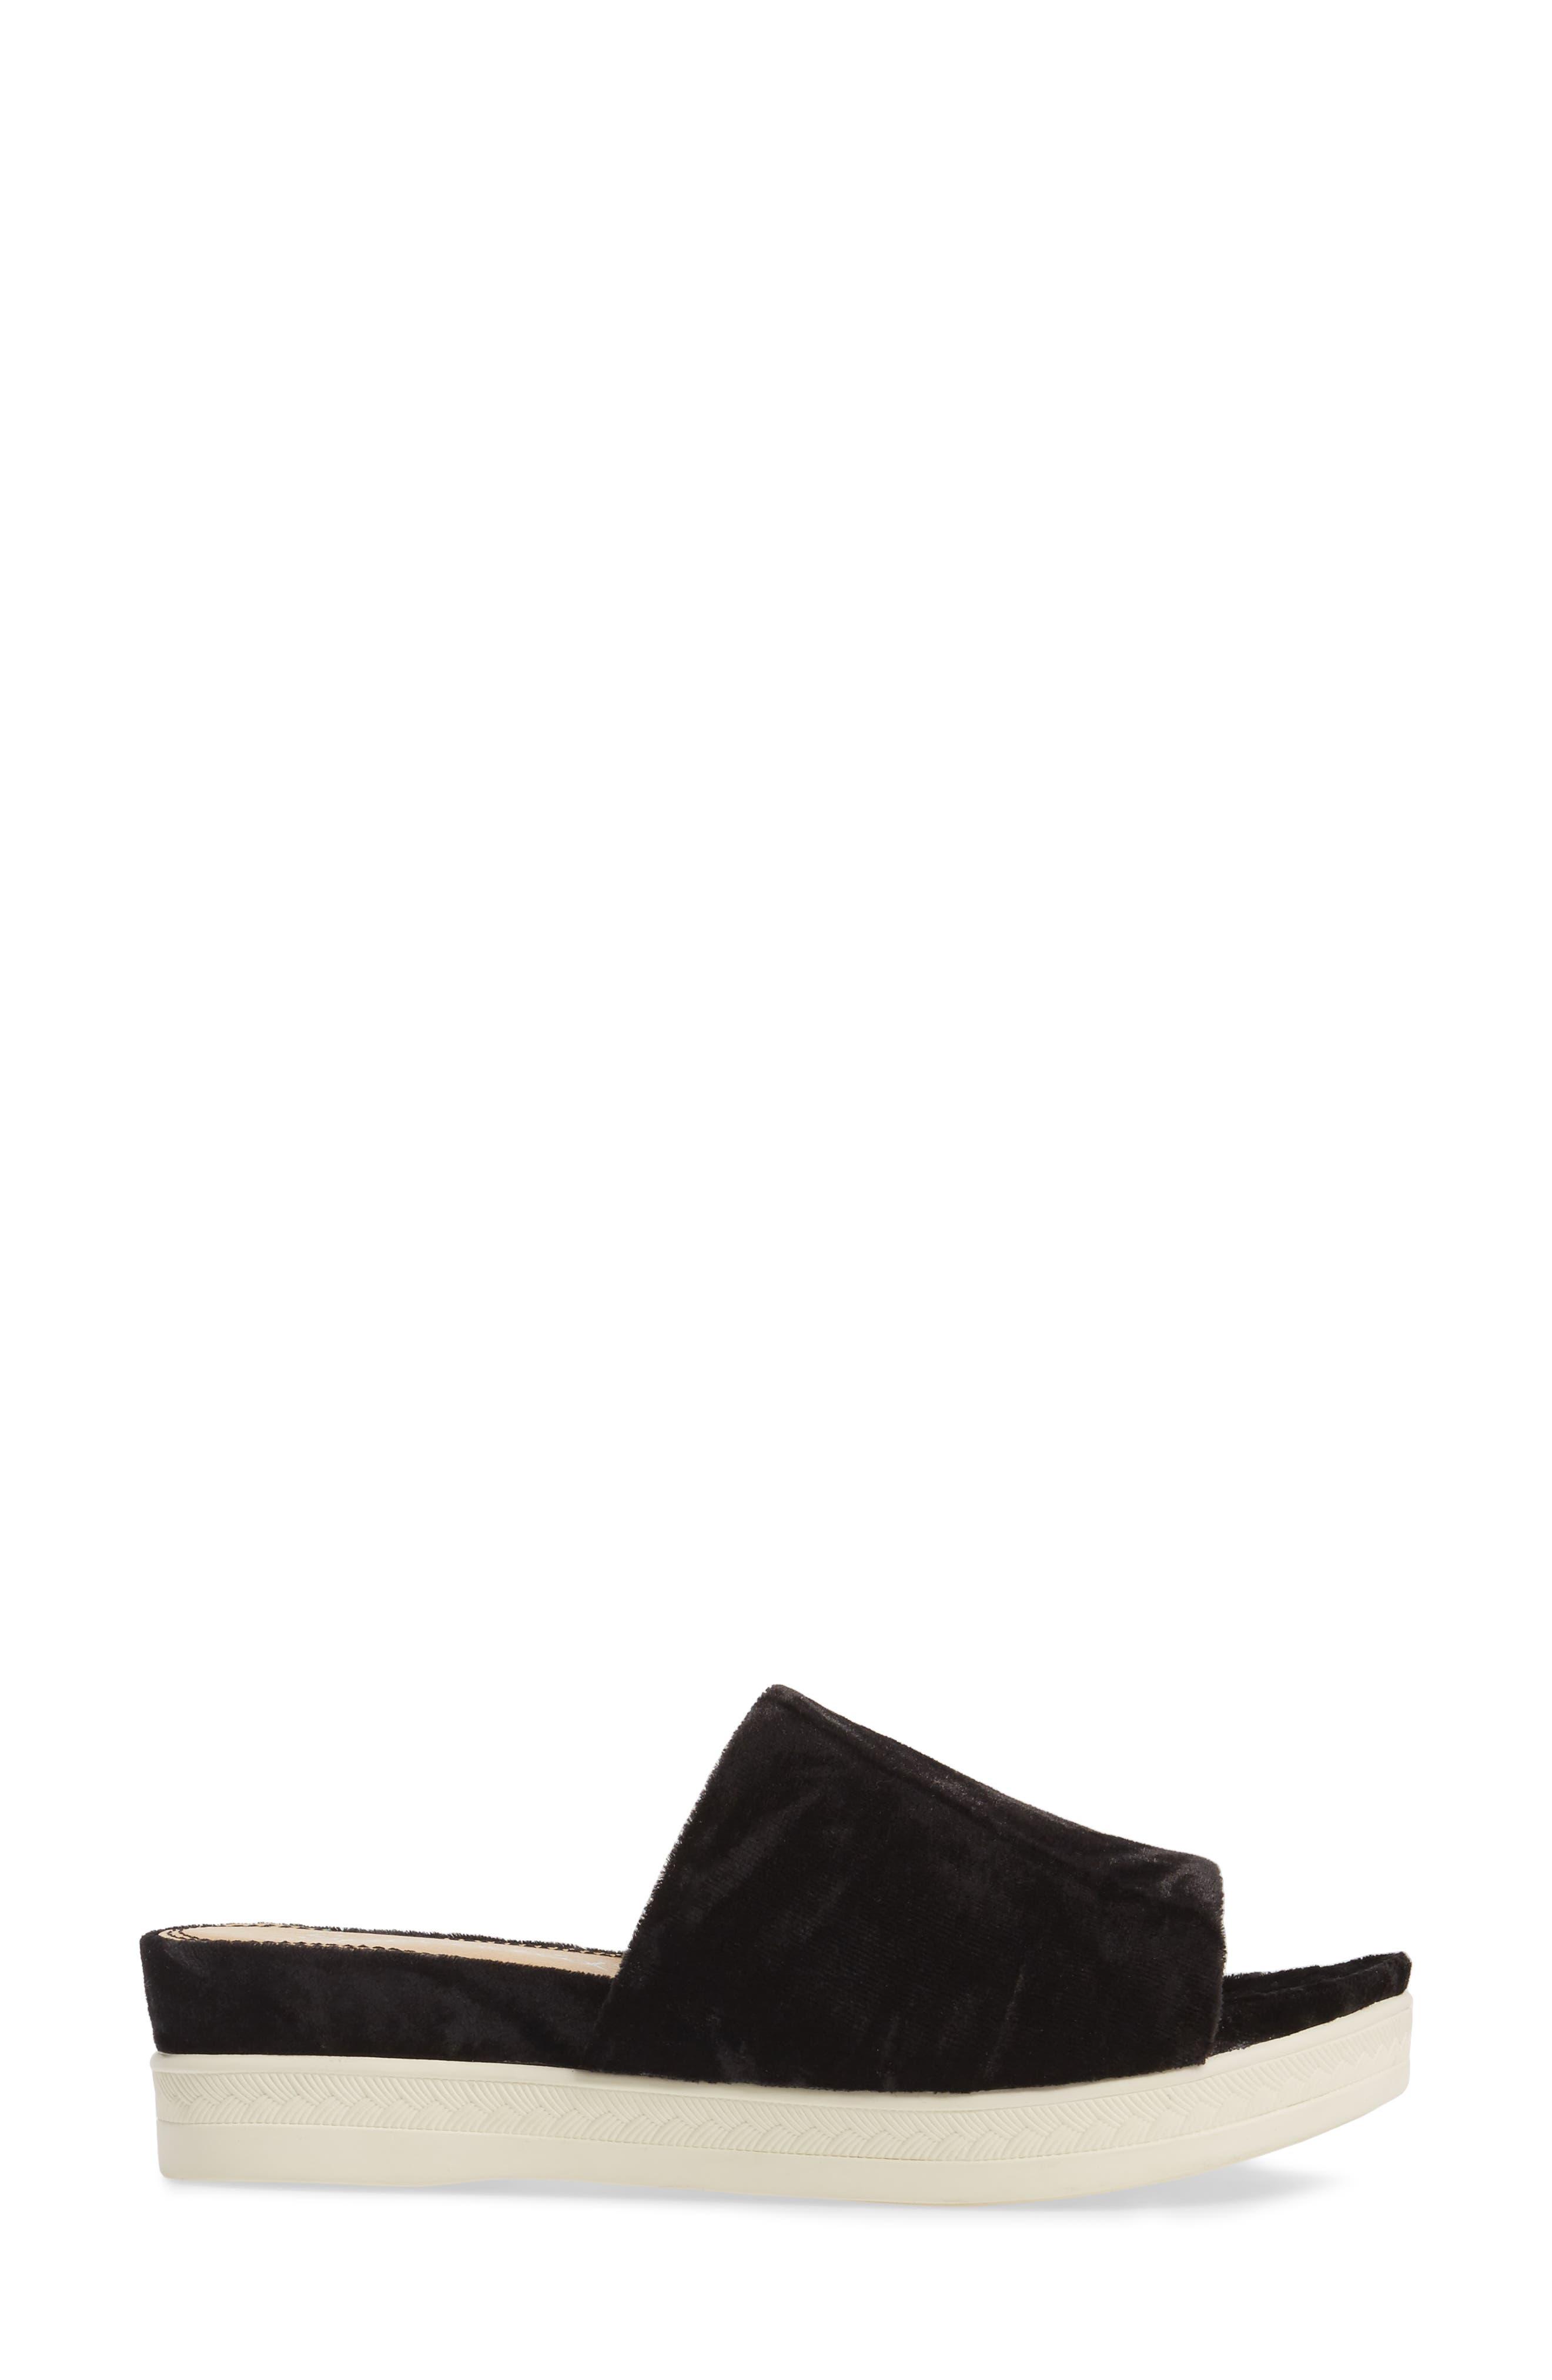 Darla Slide Sandal,                             Alternate thumbnail 3, color,                             Black Velvet Fabric